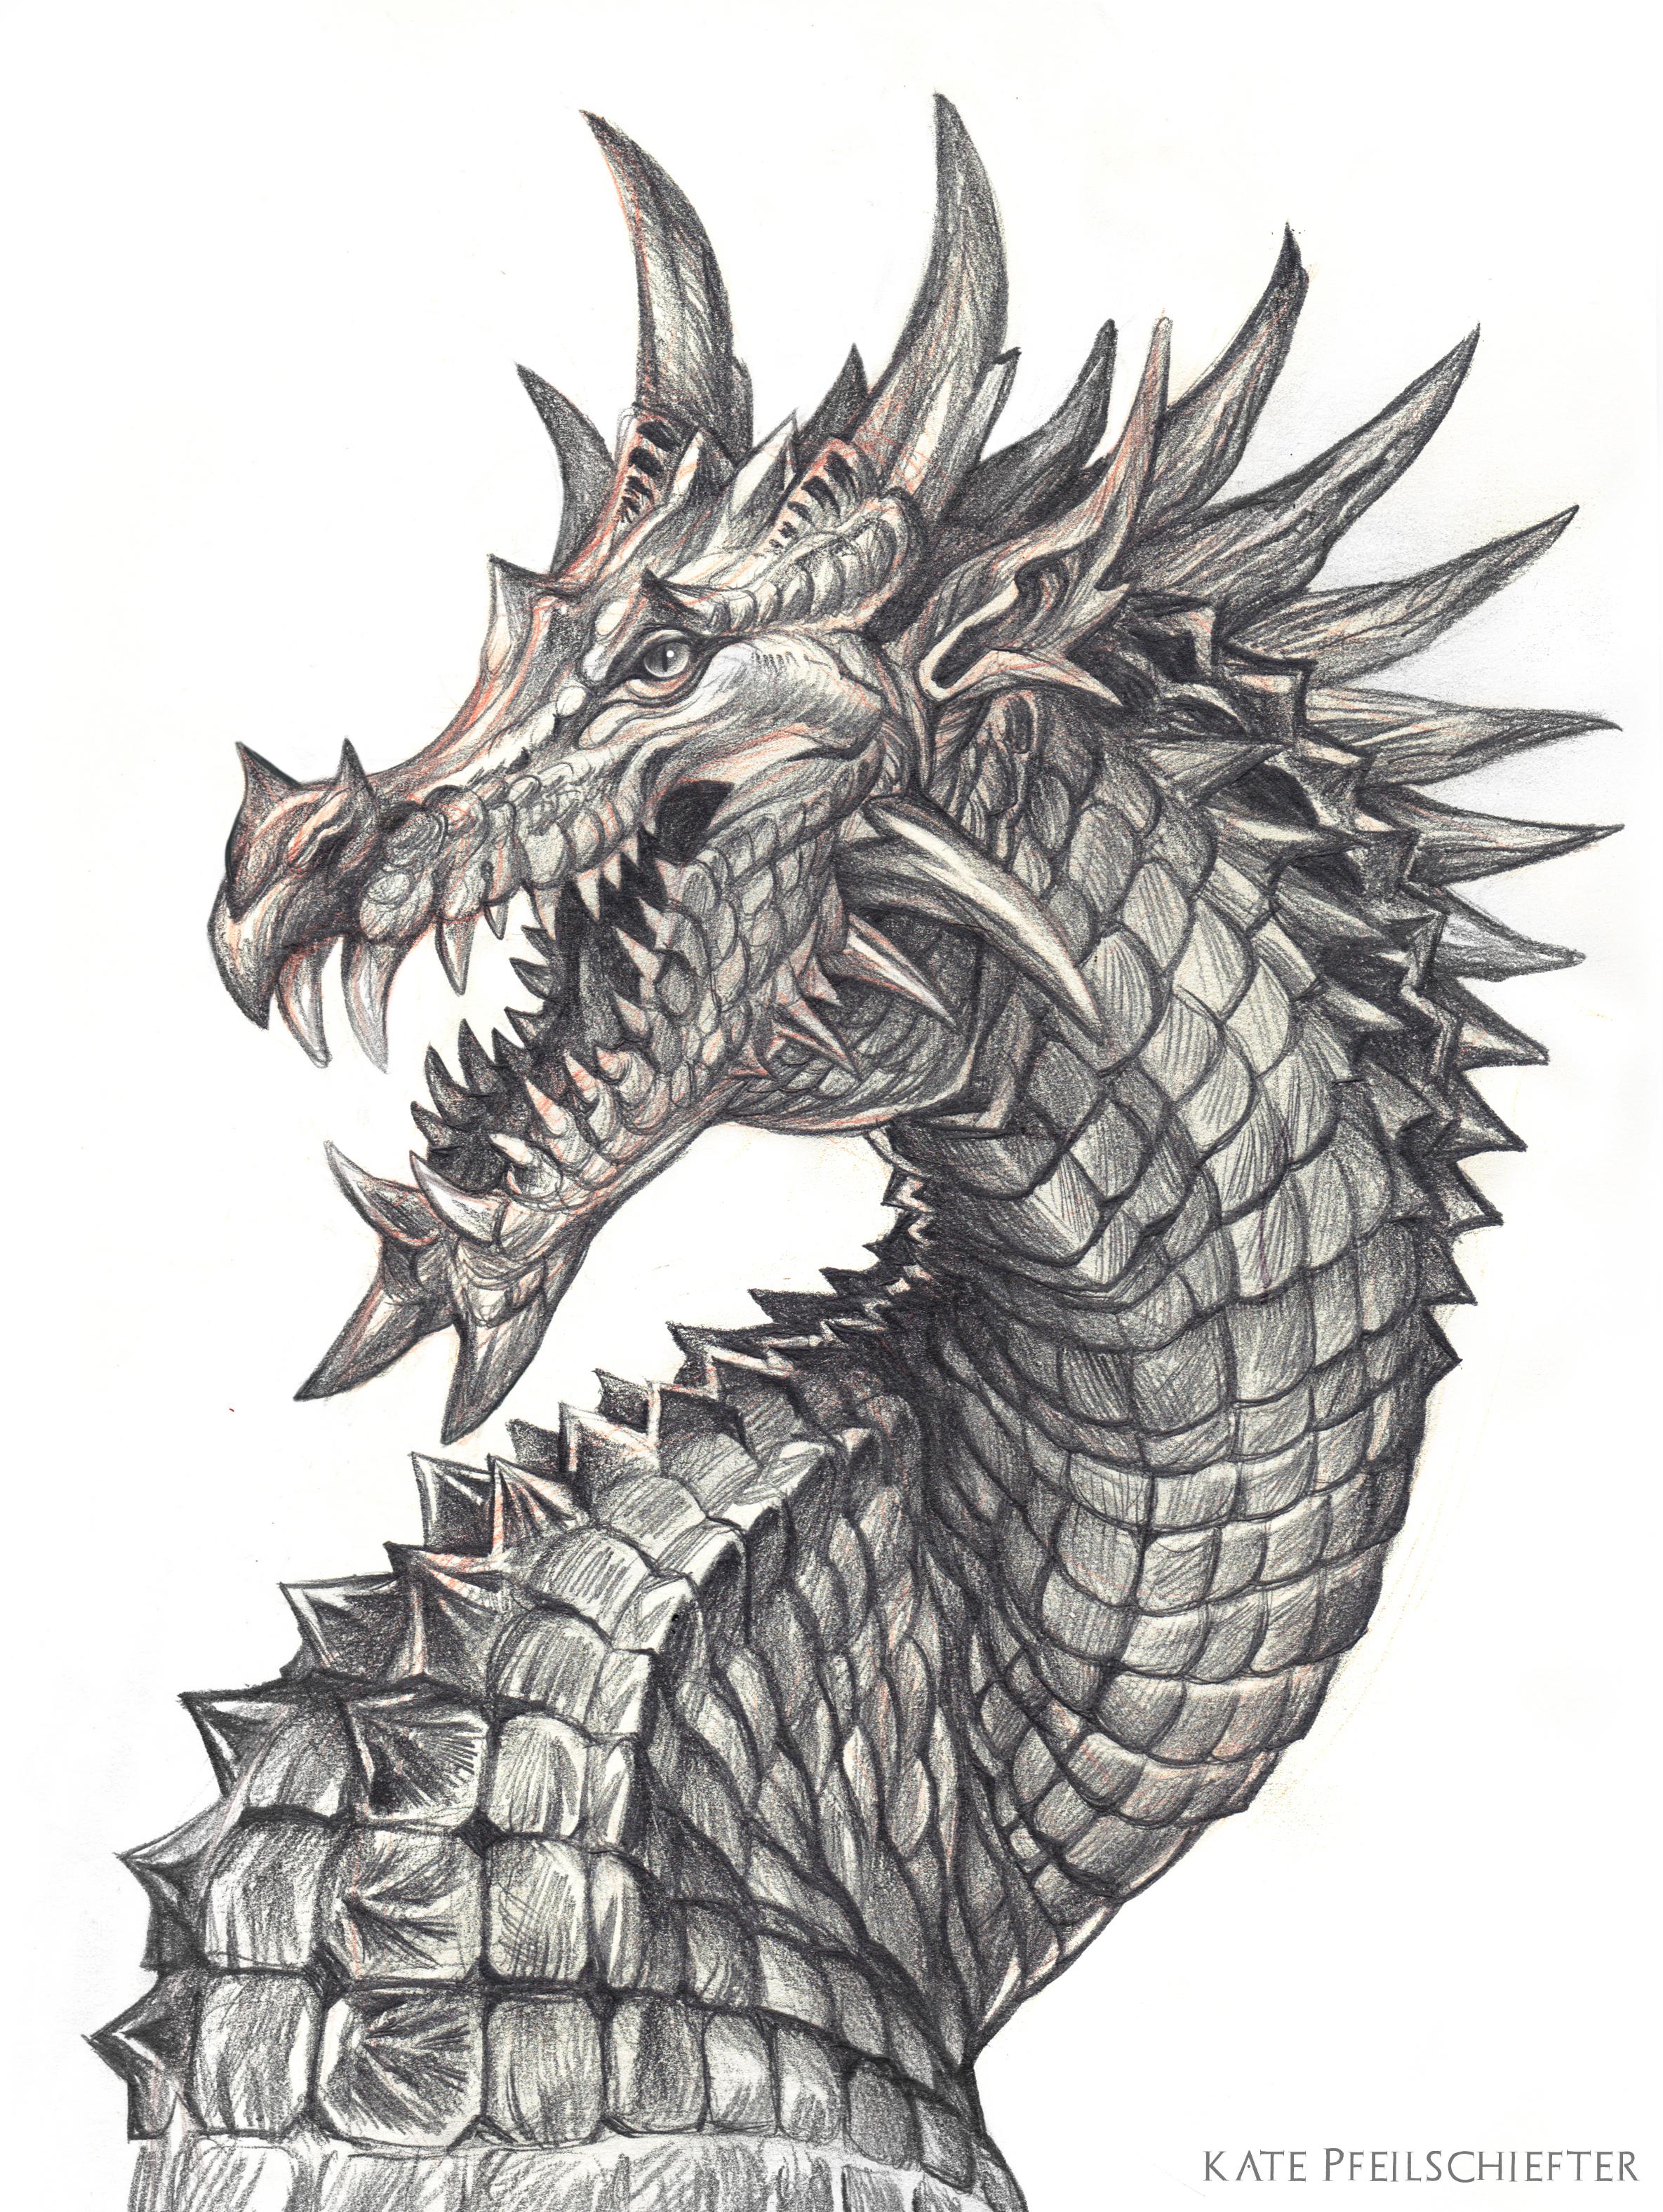 09-27-2017_twisted-dragon-3.jpg